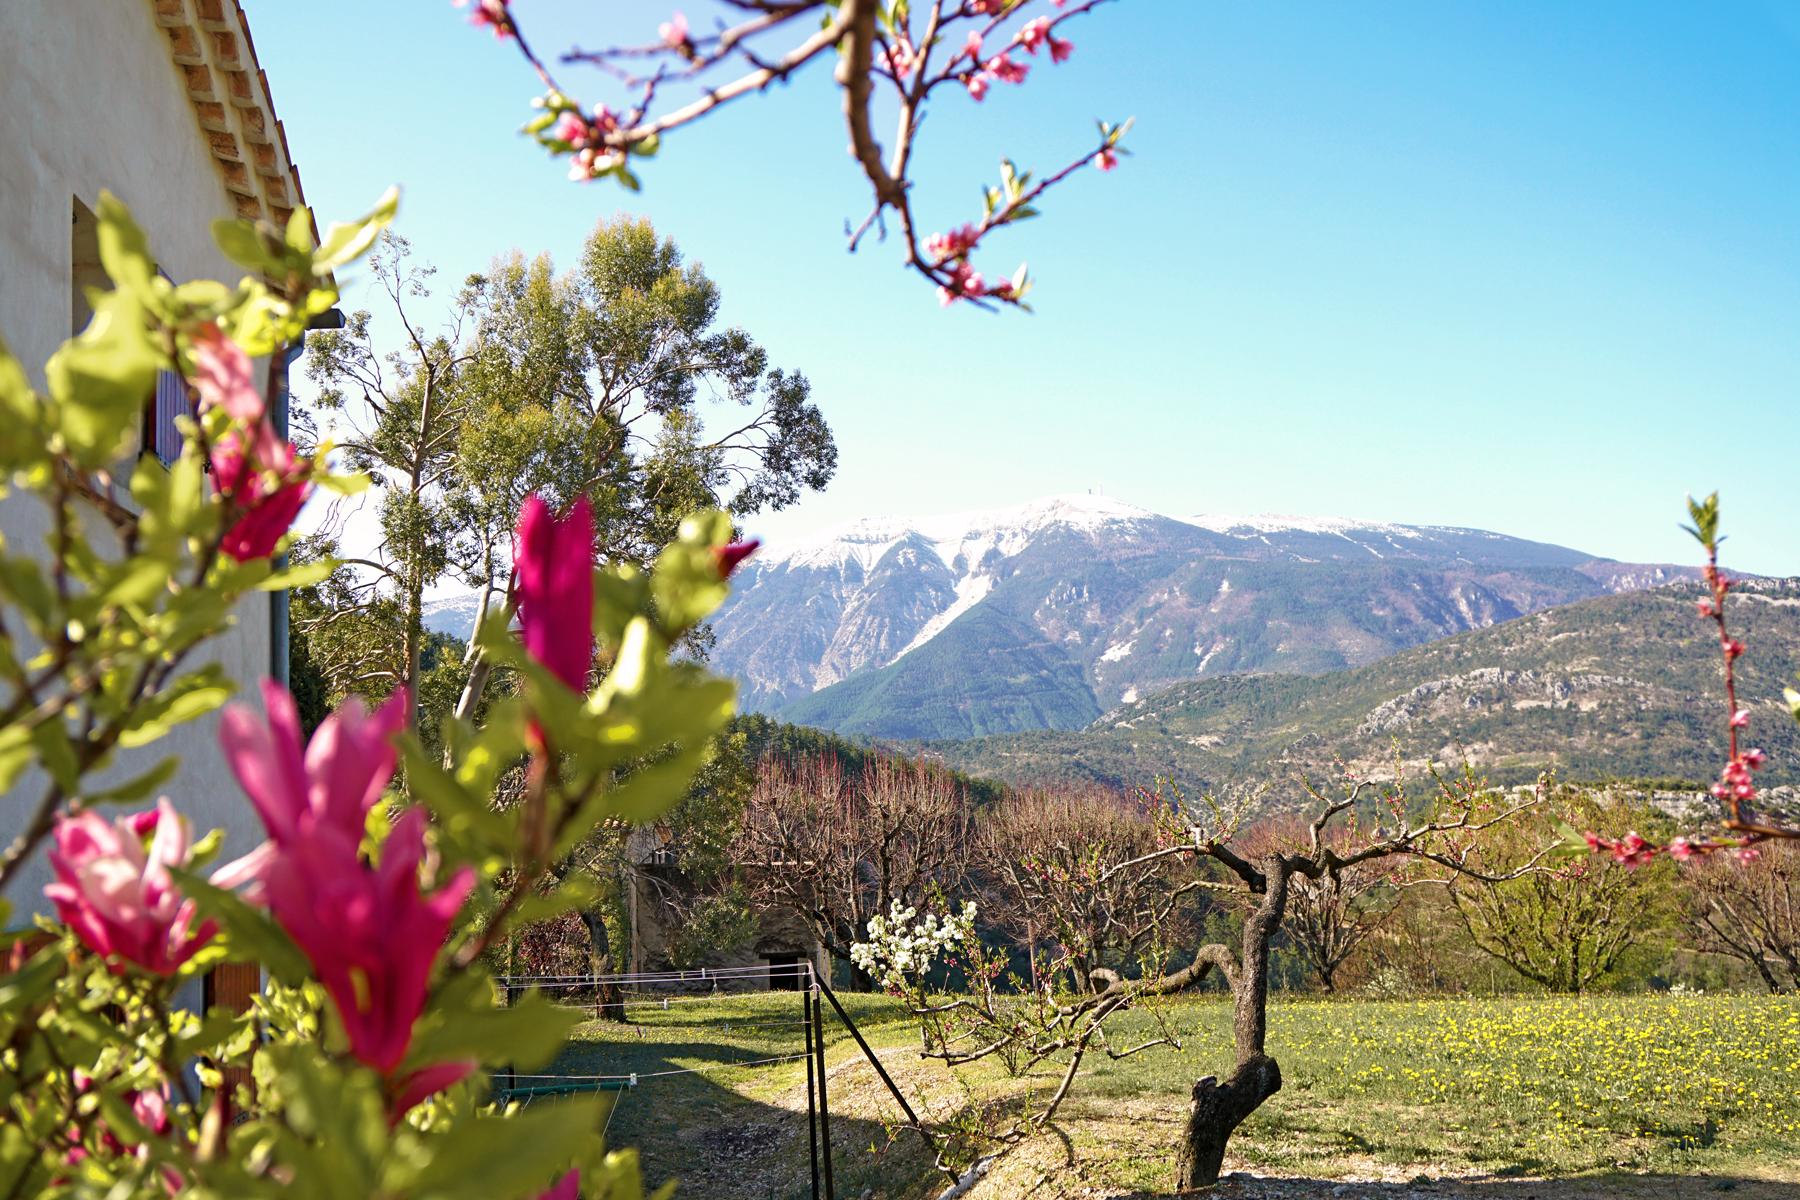 Vue sur le Mont Ventoux, Drôme provençale